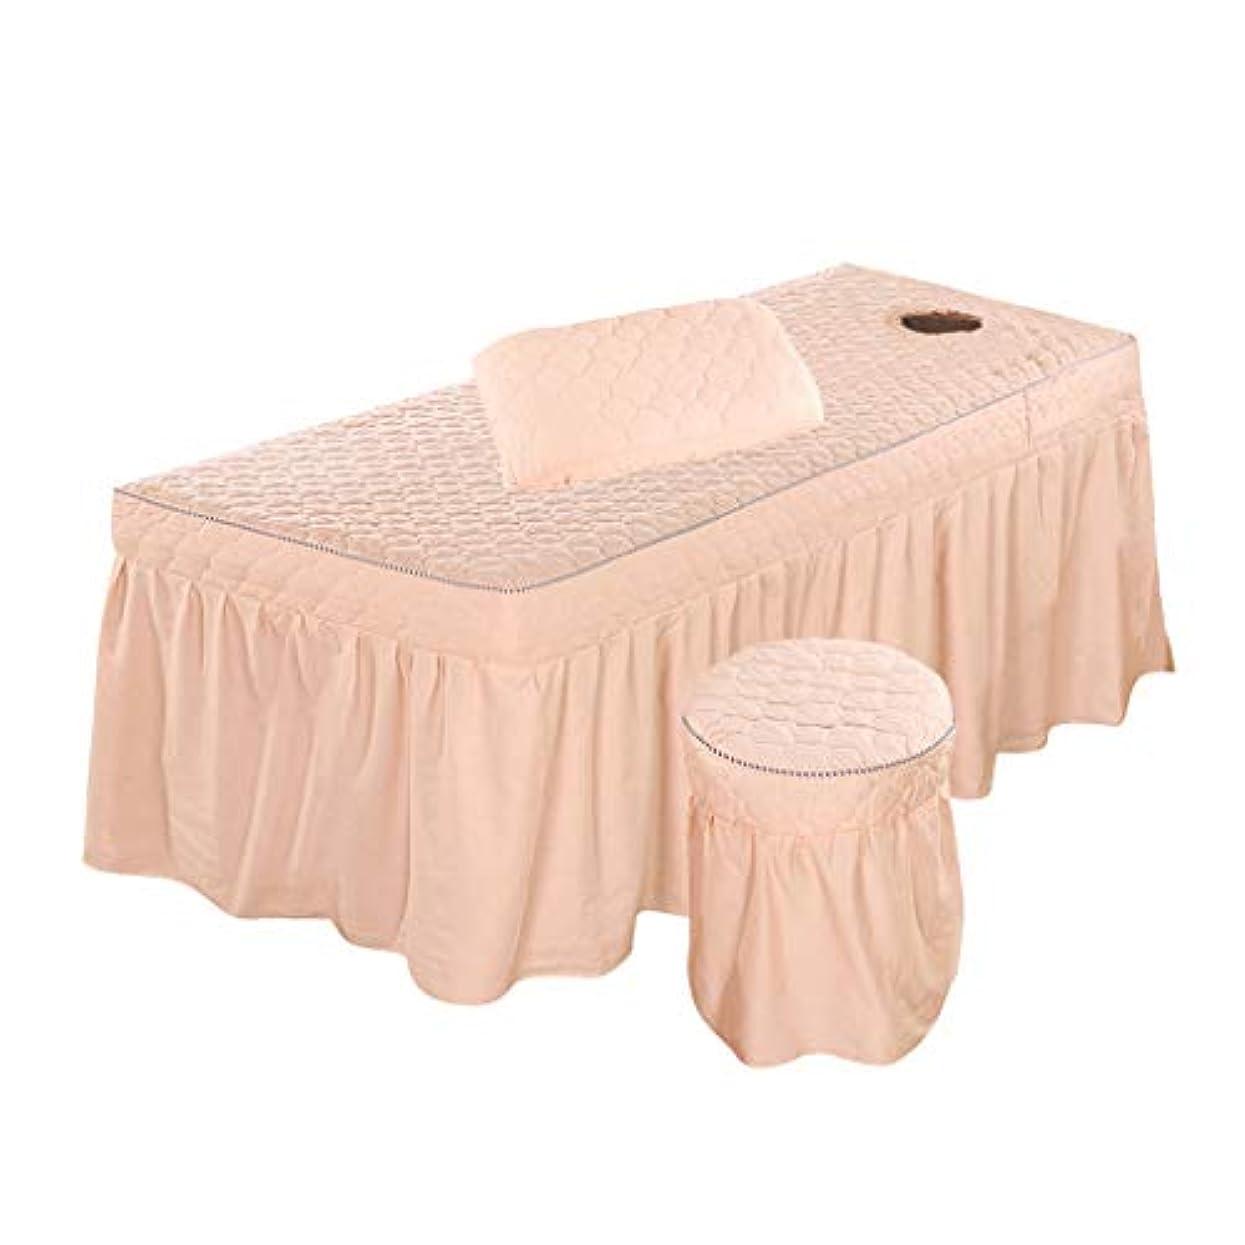 ぞっとするようなダム同意するマッサージベッドカバー 有孔 スツールカバー 枕カバー 快適 3個/セット - ライトピンク